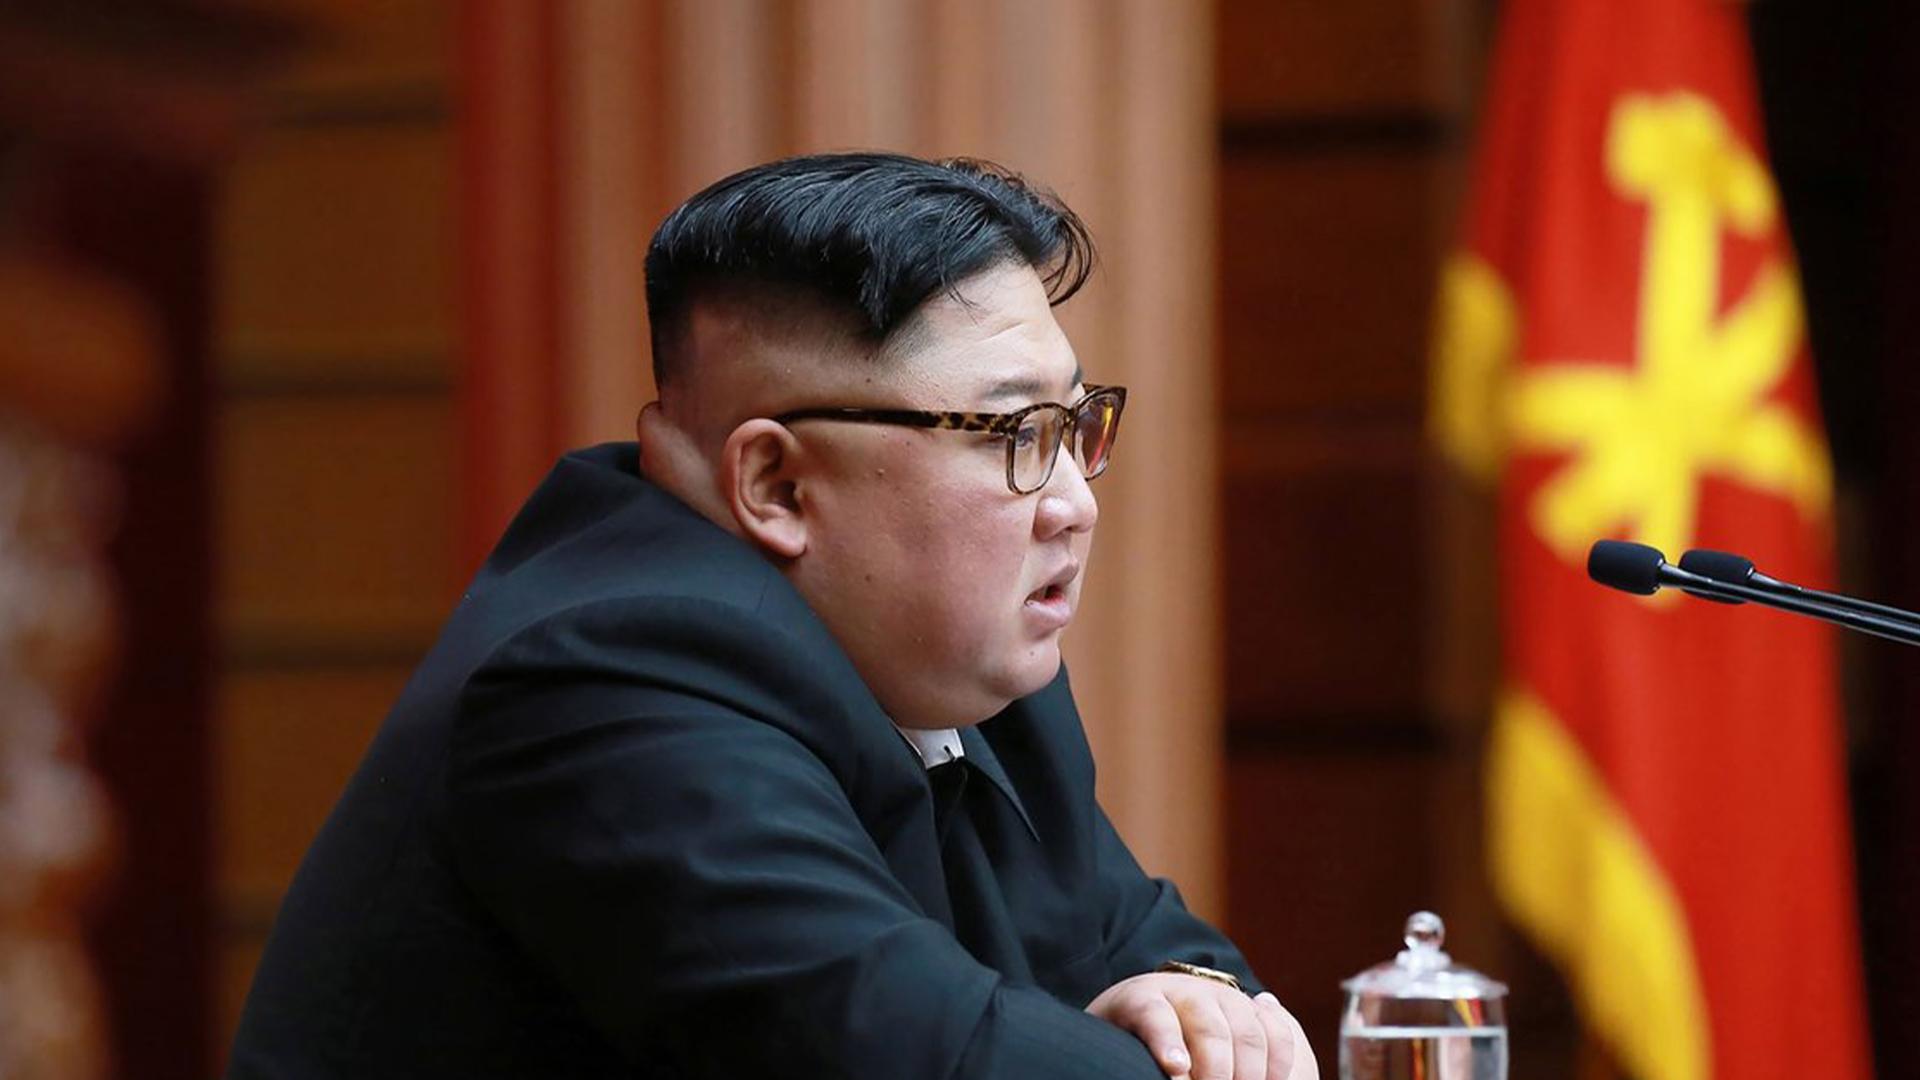 TMZ asegura que Kim Jong Un está muerto.